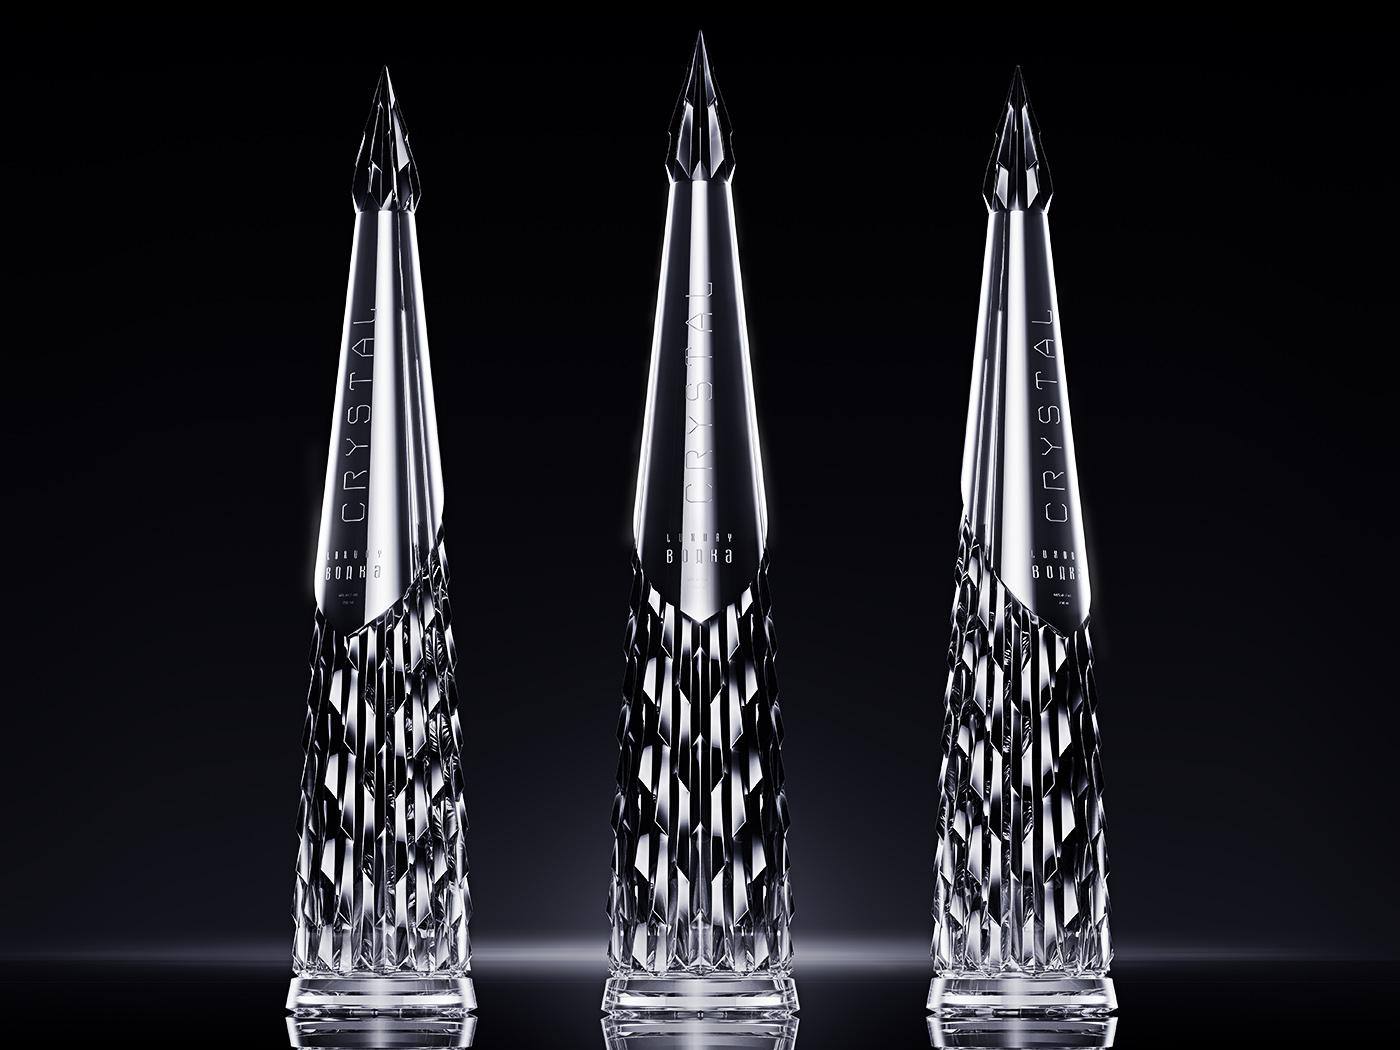 Crystal Vodka 1 w.jpg